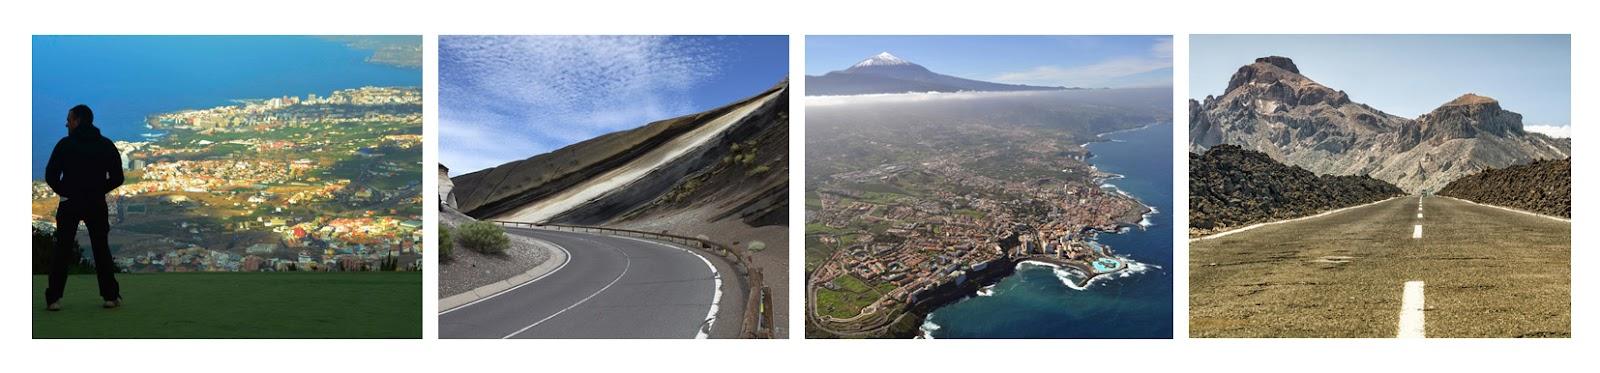 Curva de la tarta, Vista del valle de la Orotava, vista aérea del Puerto de la Cruz y carretera en las Cañadas del Teide.